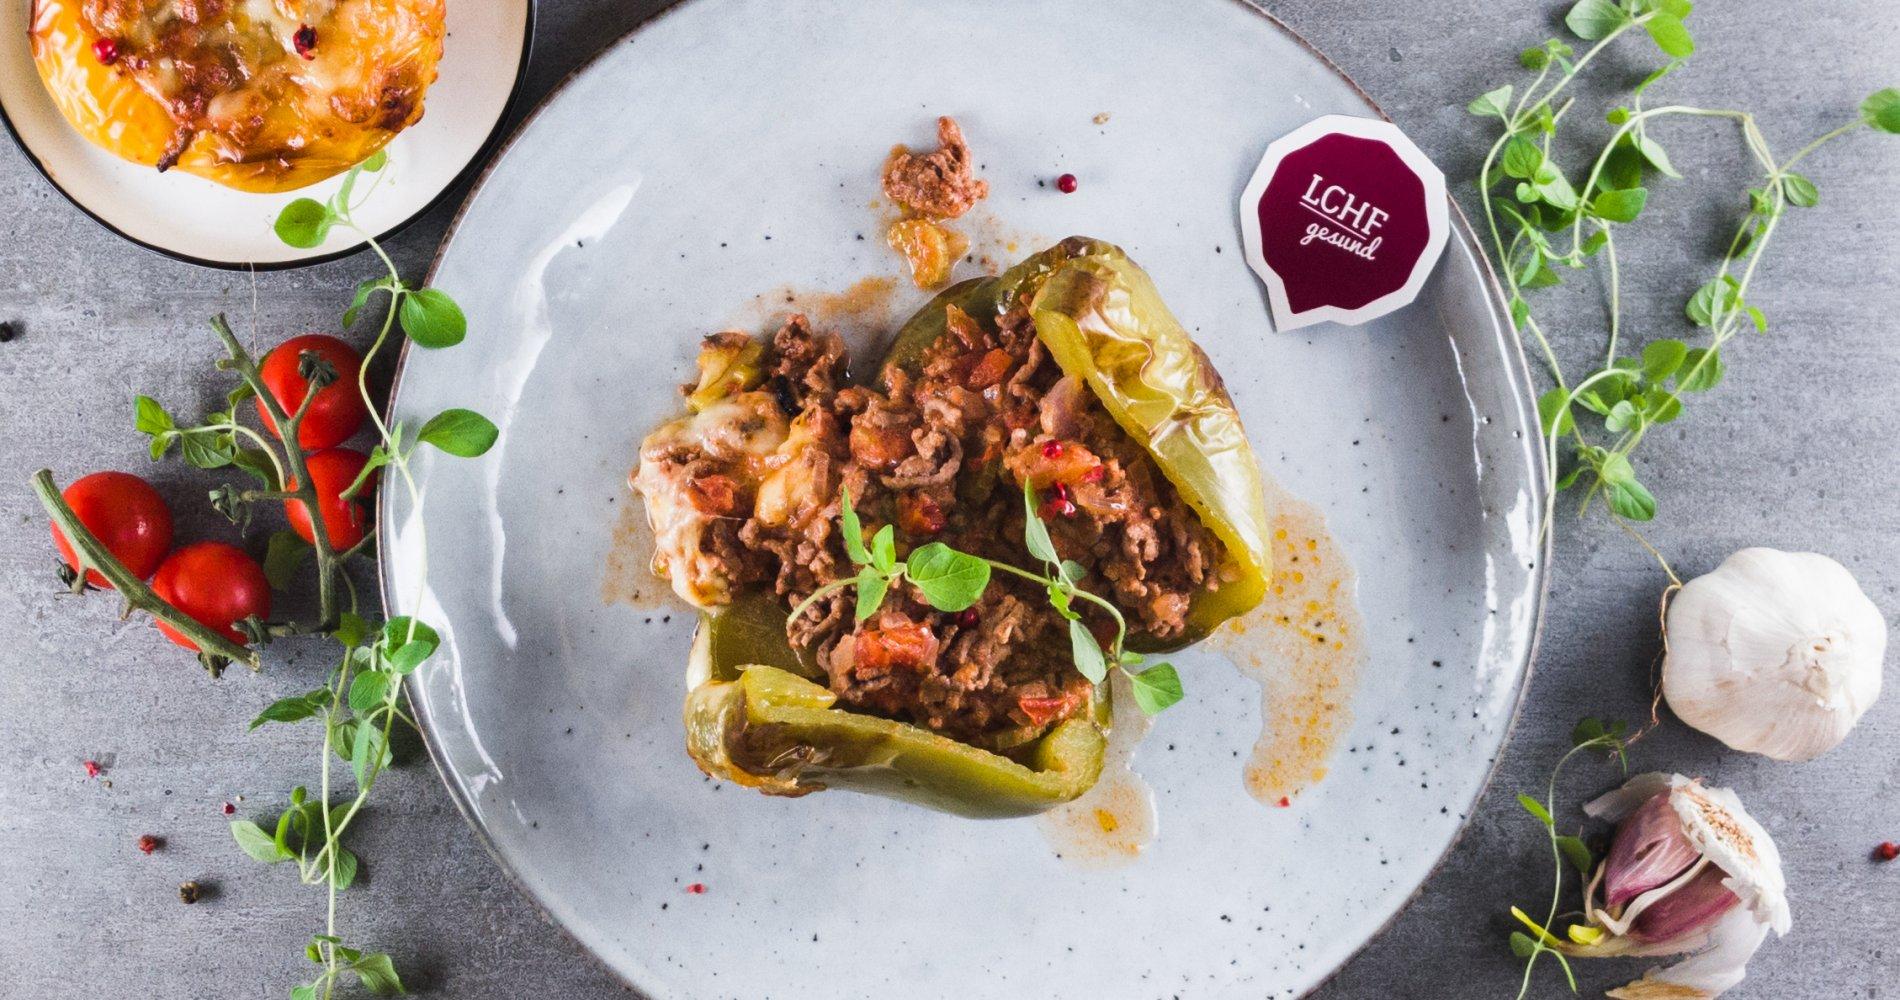 Rezept Low Carb: Gefüllte Paprika aus dem Ofen - LCHF-gesund.de